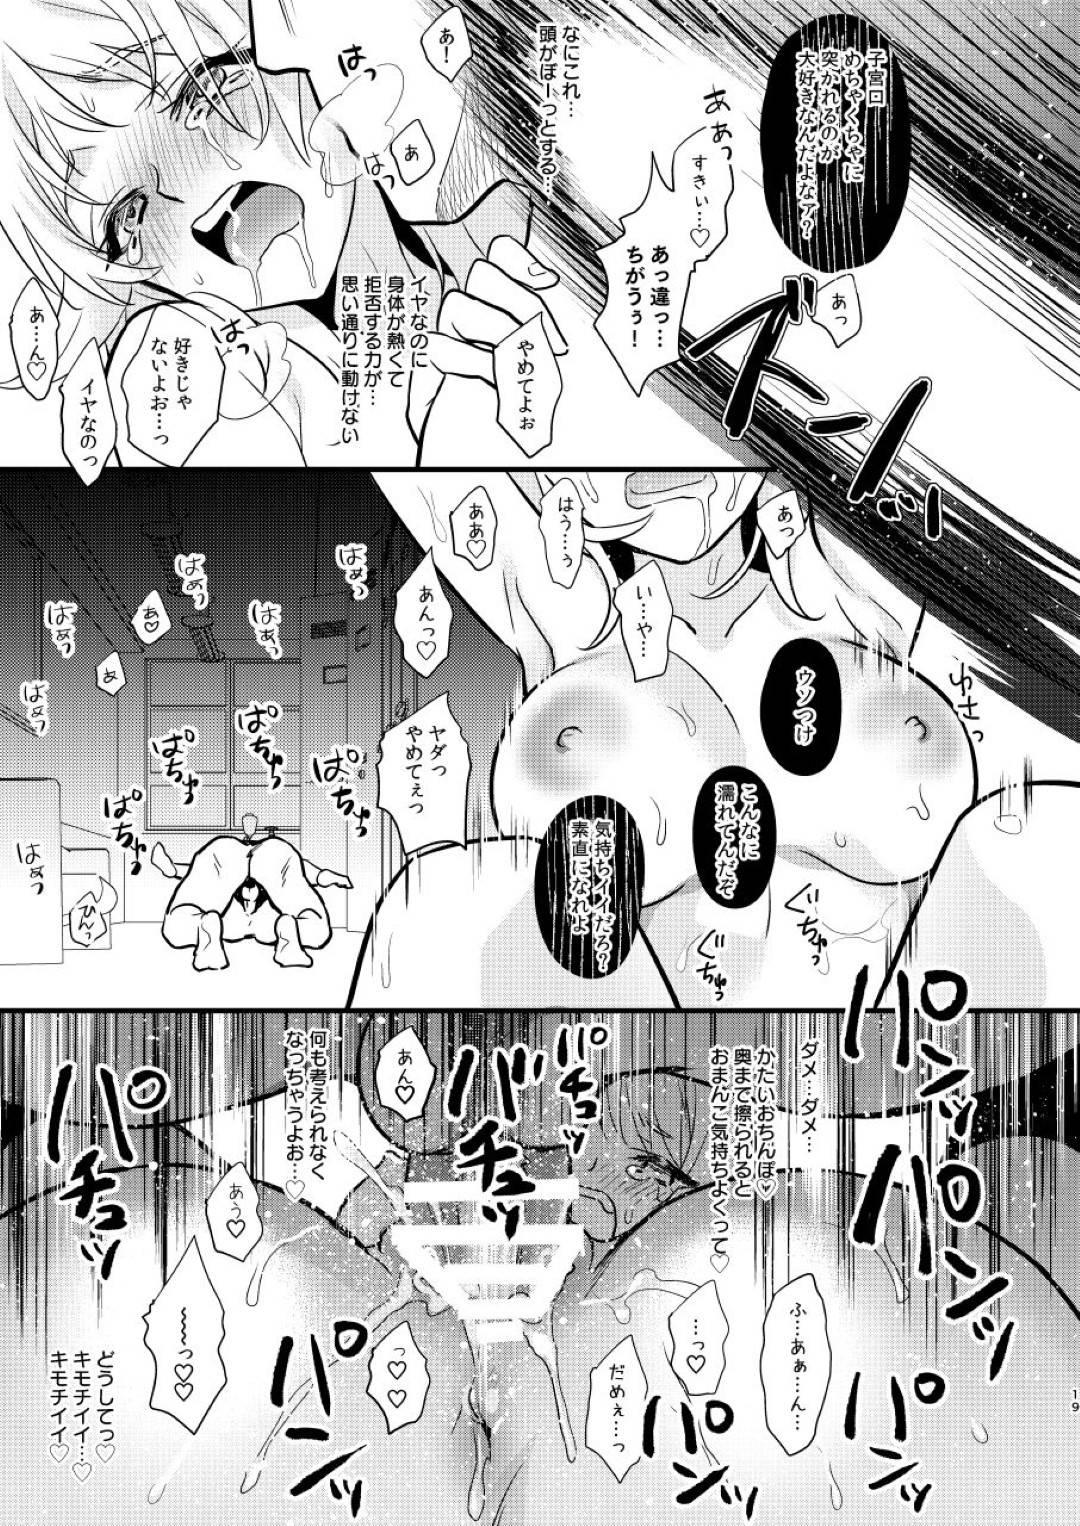 【エロ漫画】学校の先輩に2人きりの部室で催眠をかけられてしまったアイドルのめぐる。催眠で従順になった彼女は彼にされるがままに乳首責めされたり、クンニされたりと好き放題に全身を責められた上、処女を奪われてしまう!